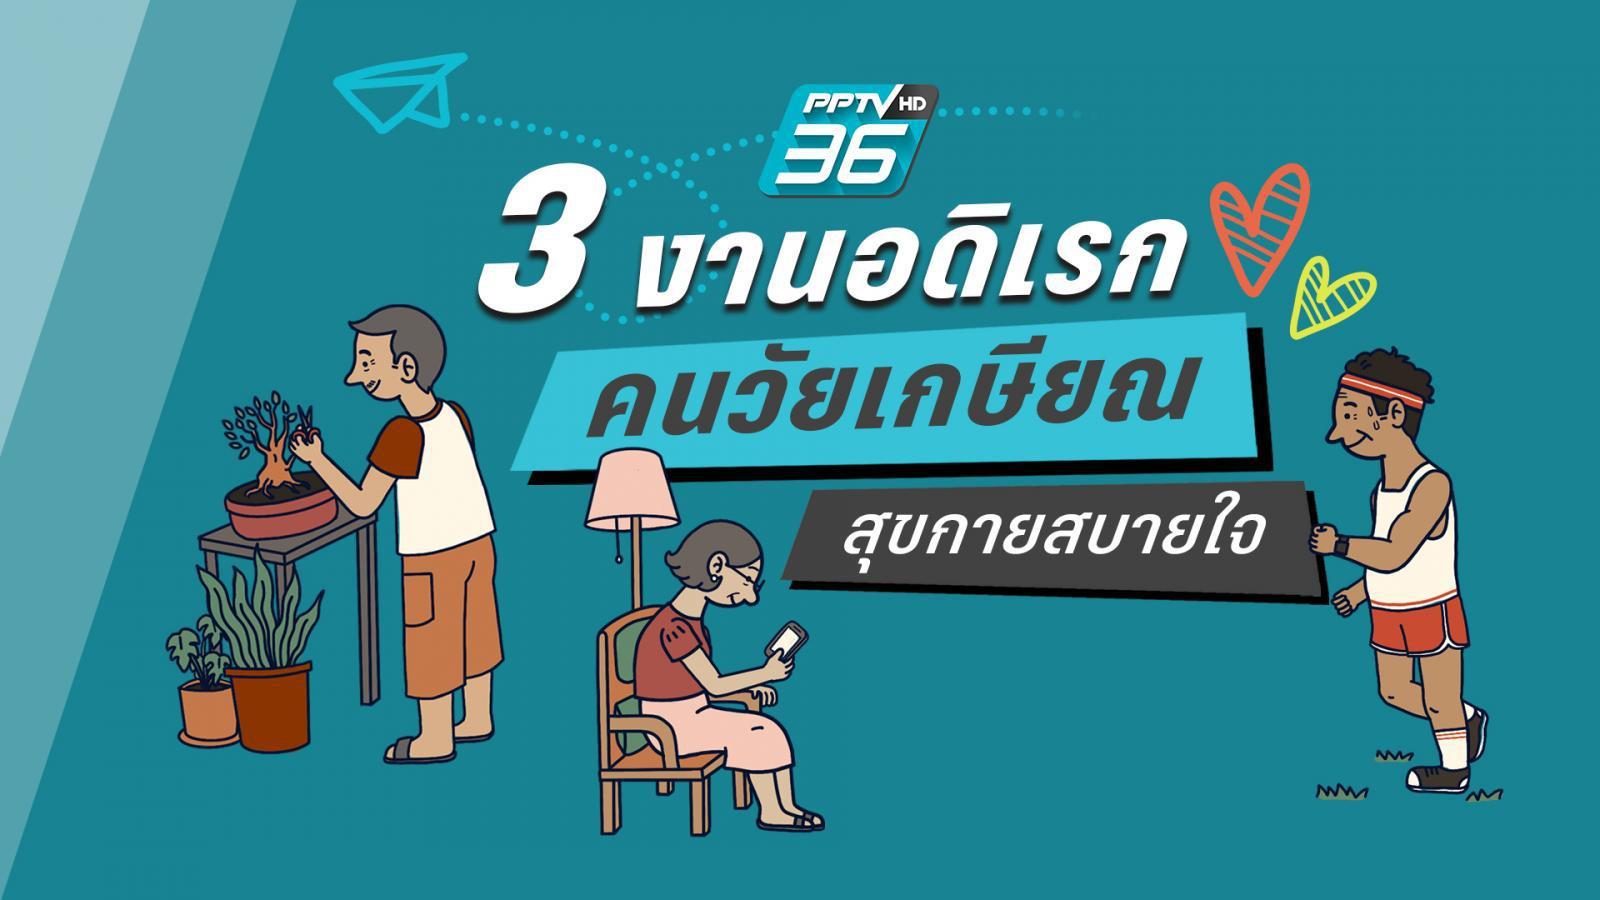 3 งานอดิเรก คนวัยเกษียณ สุขกายสบายใจ